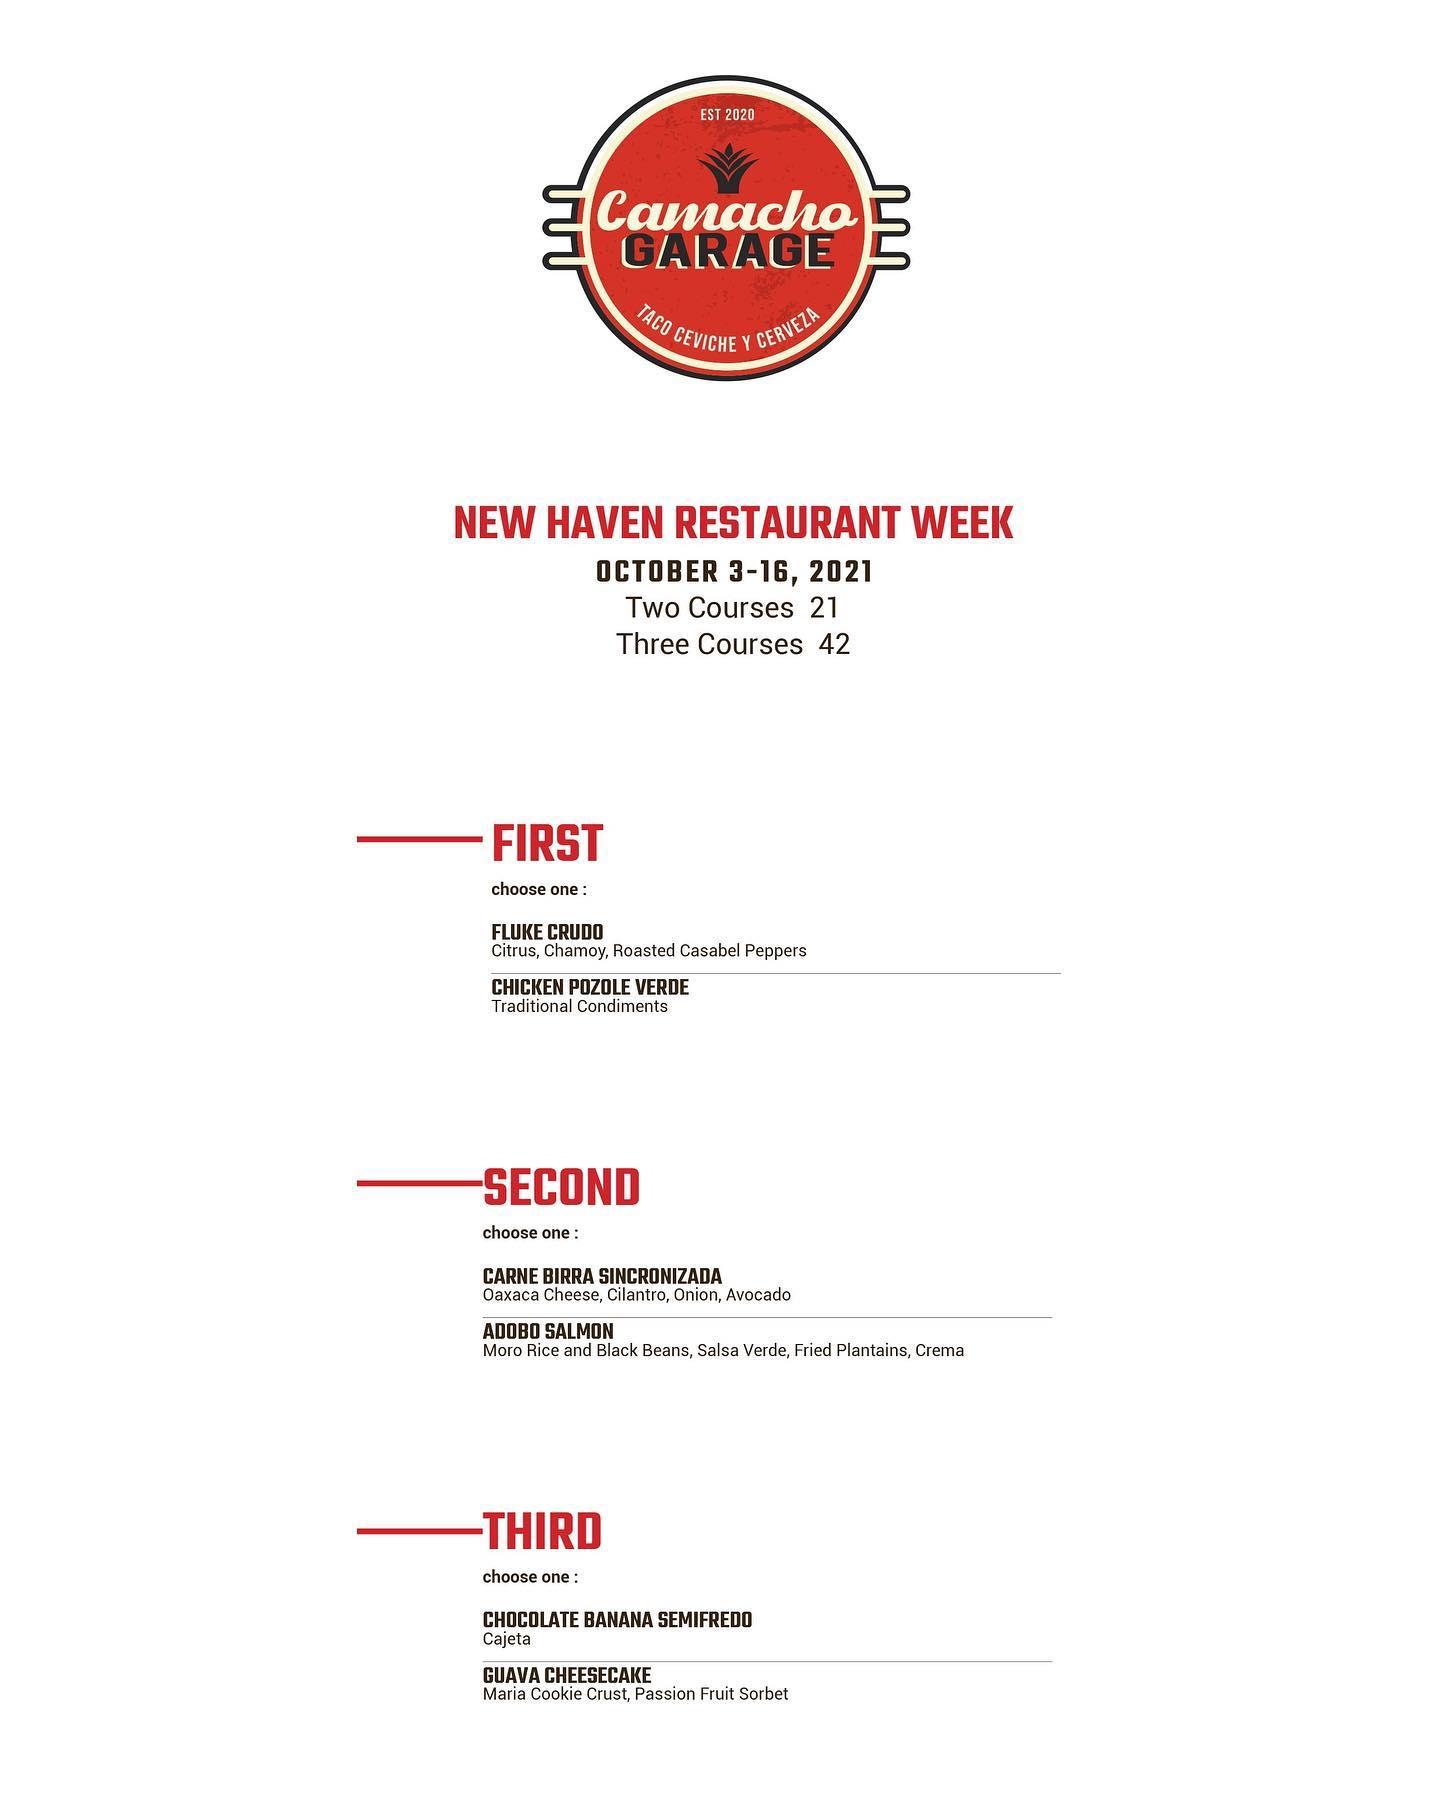 Camacho Garage New Haven Restaurant Week Menu